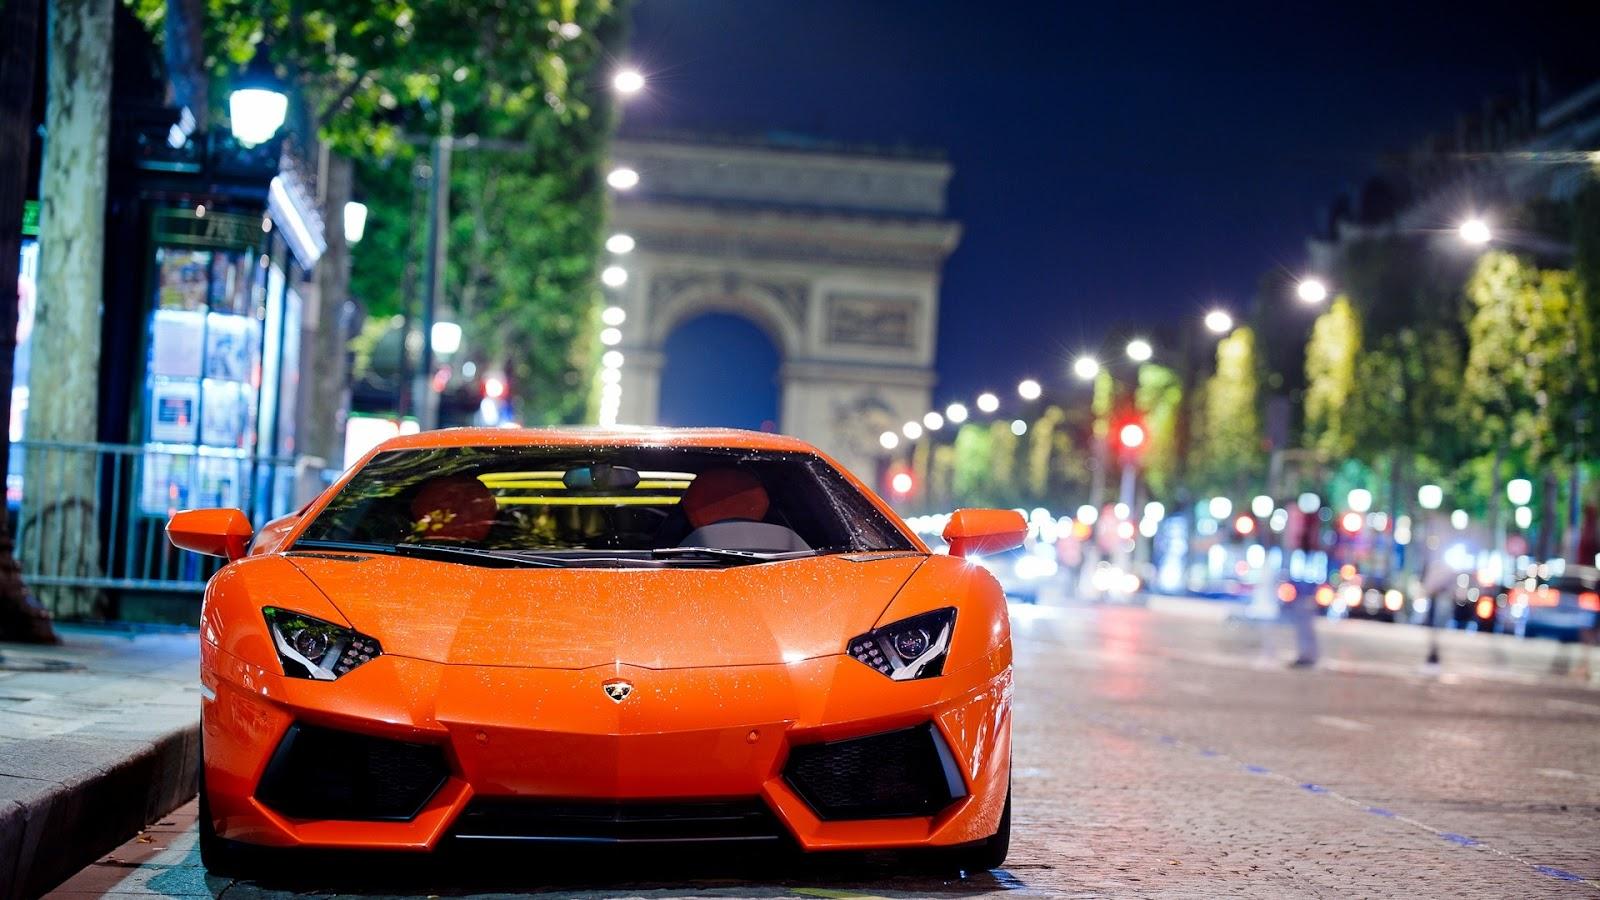 Hd wallpaper car - Hd Wallpaper Car Lamborghini Cars Hd Wallpapers Download 1080p Ultra Hd Wallpapers